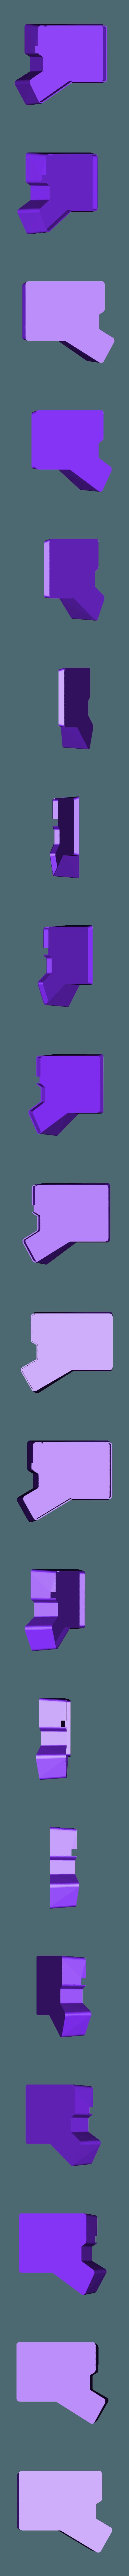 project-zen-right-resized-15.stl Télécharger fichier SCAD gratuit Cas du clavier Zen Project • Plan imprimable en 3D, rsheldiii